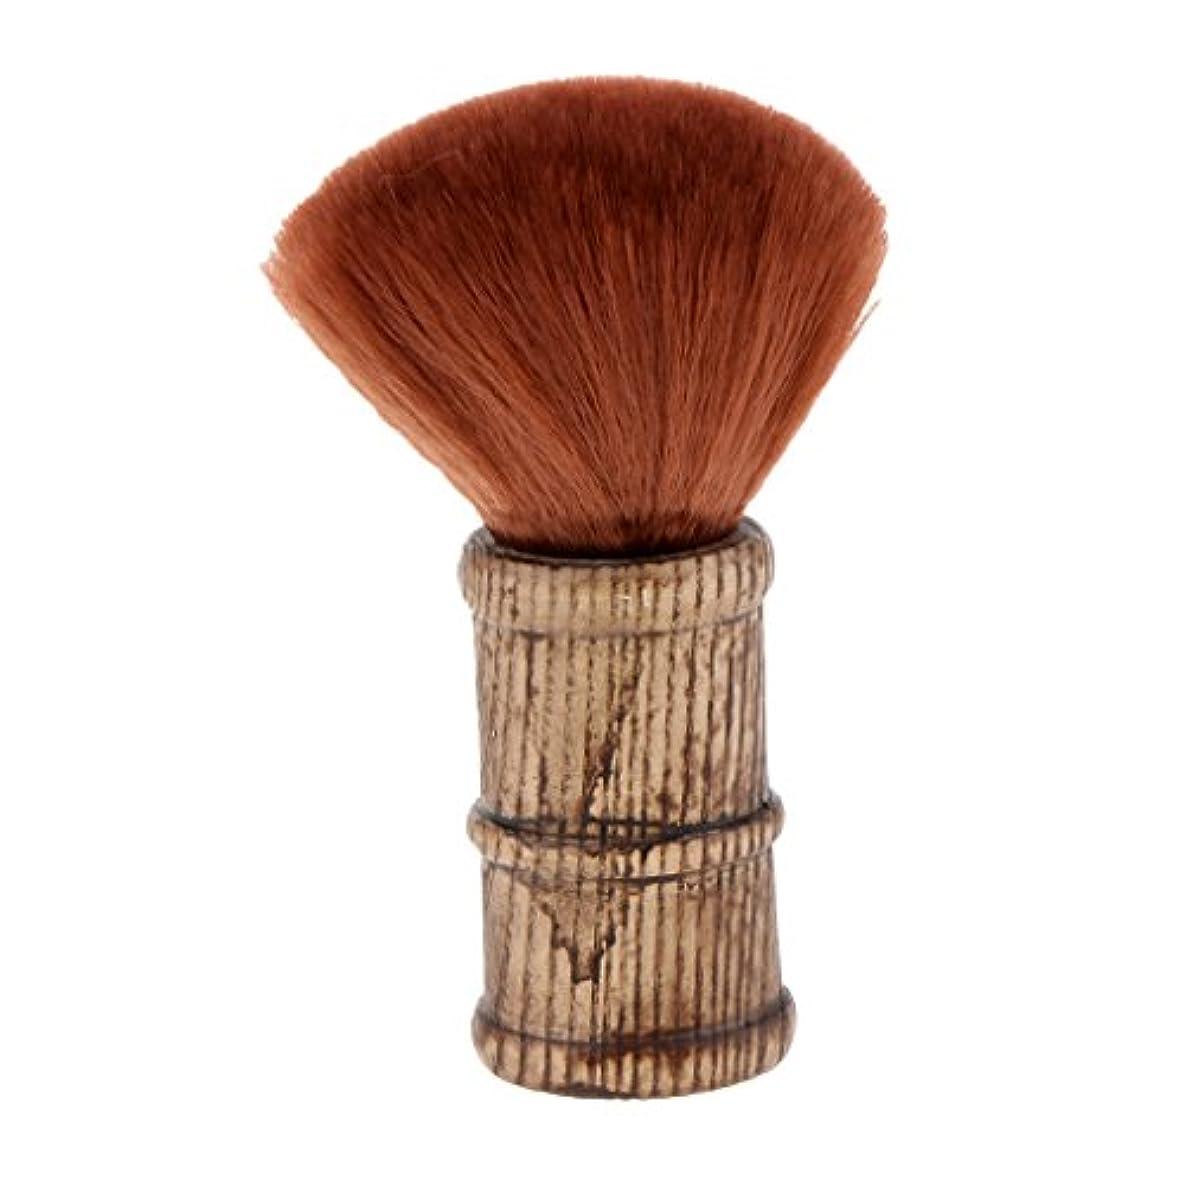 新鮮なセラーラグヘアカット 散髪 クリーニングヘアブラシ ネックダスターブラシ ヘアスイープブラシ 2色選べる - 褐色